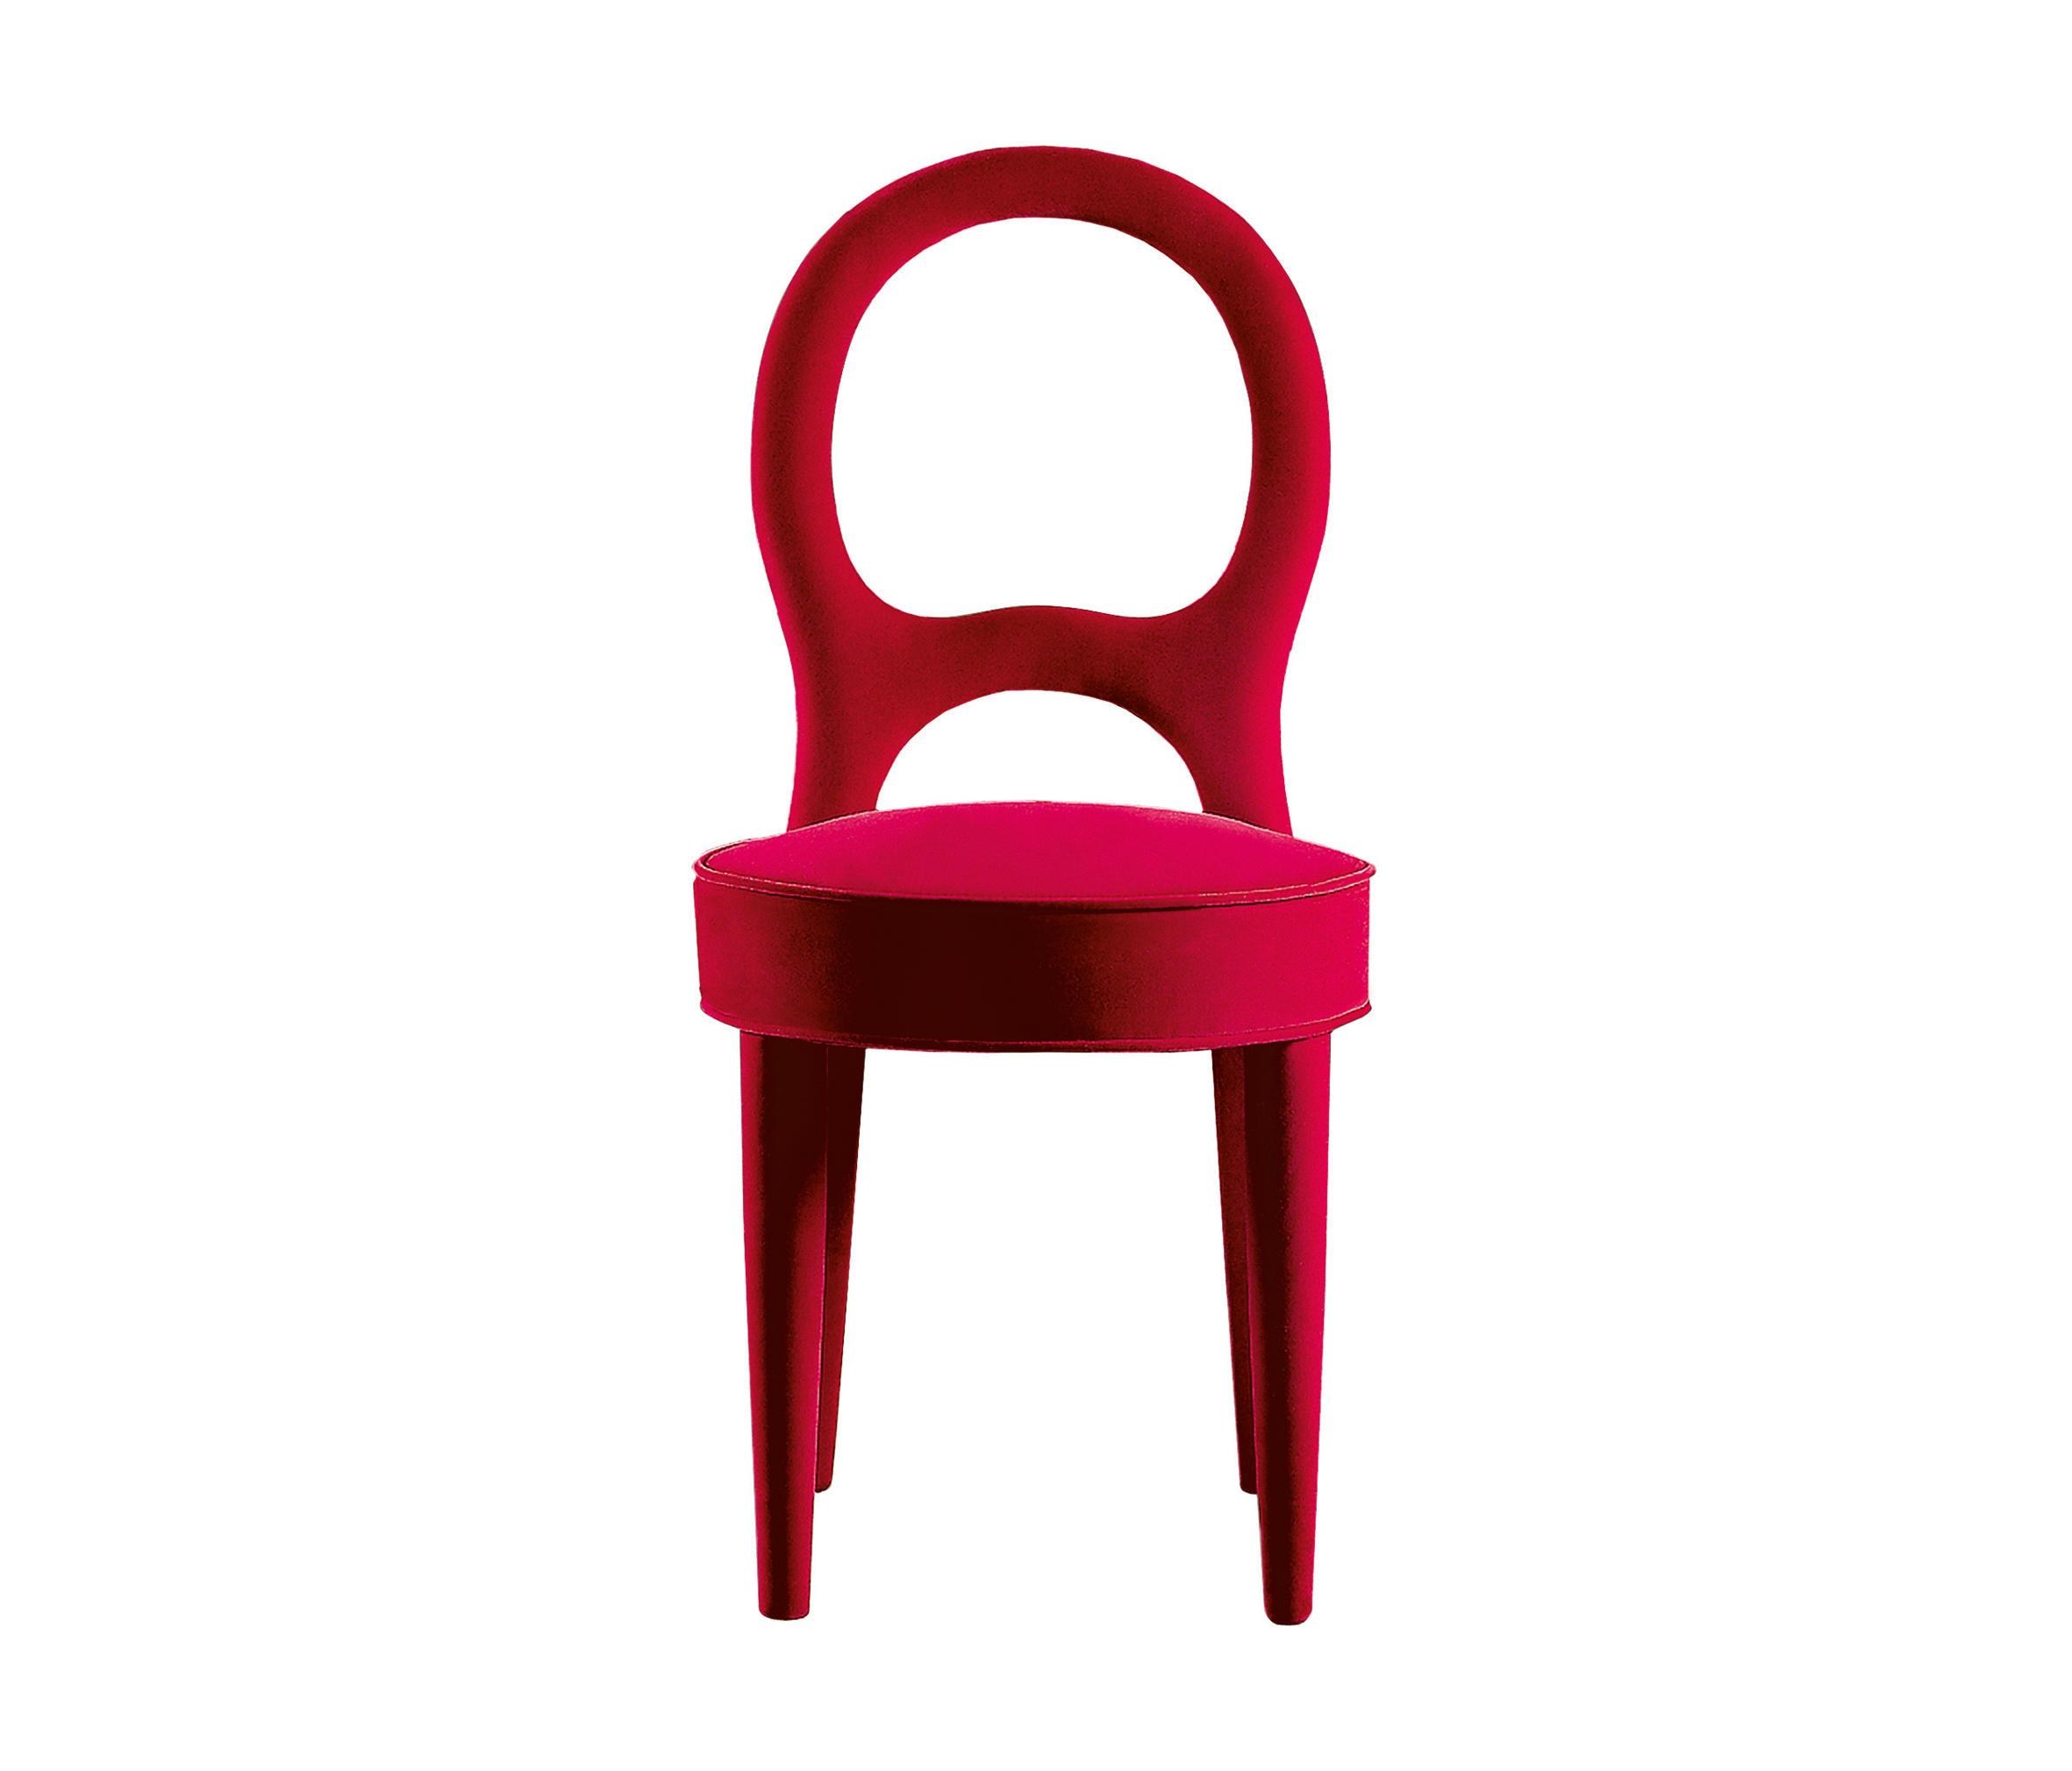 Bilou Bilou Stuhl Stühle Von Promemoria Architonic